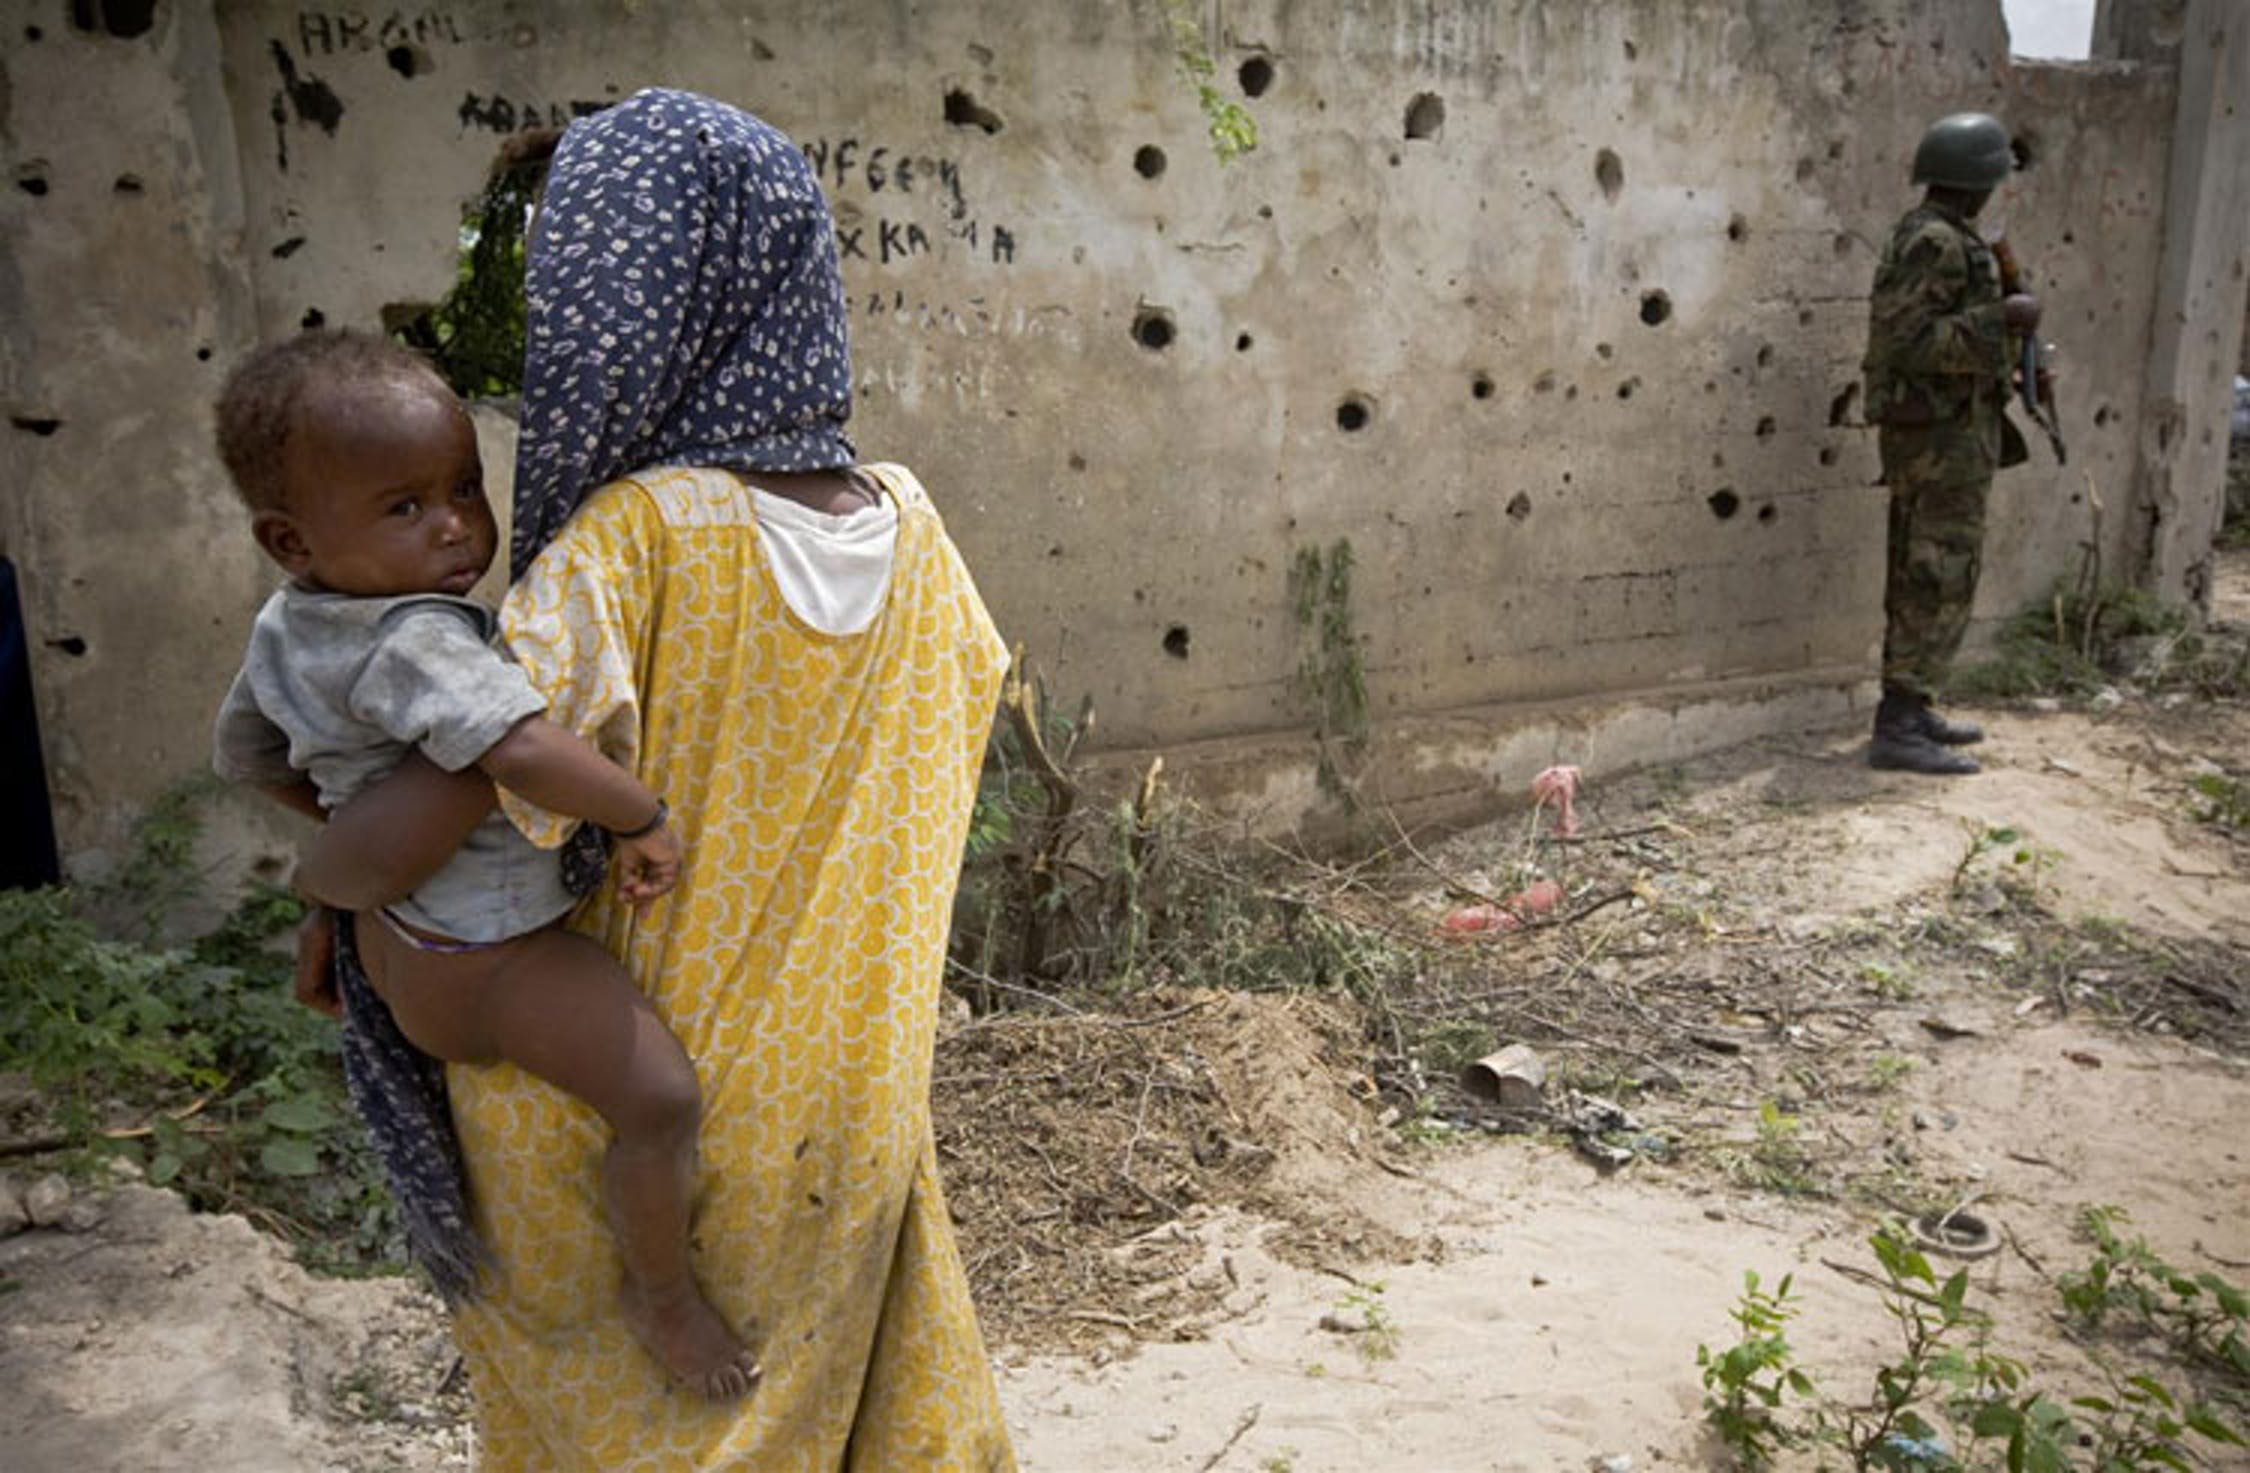 Un muro crivellato dai proiettili, un uomo armato, desolazione intorno: il panorama abituale di un campo per sfollati a Mogadiscio, Somalia - ©UNICEF/NYHQ2011-1194/K.Holt